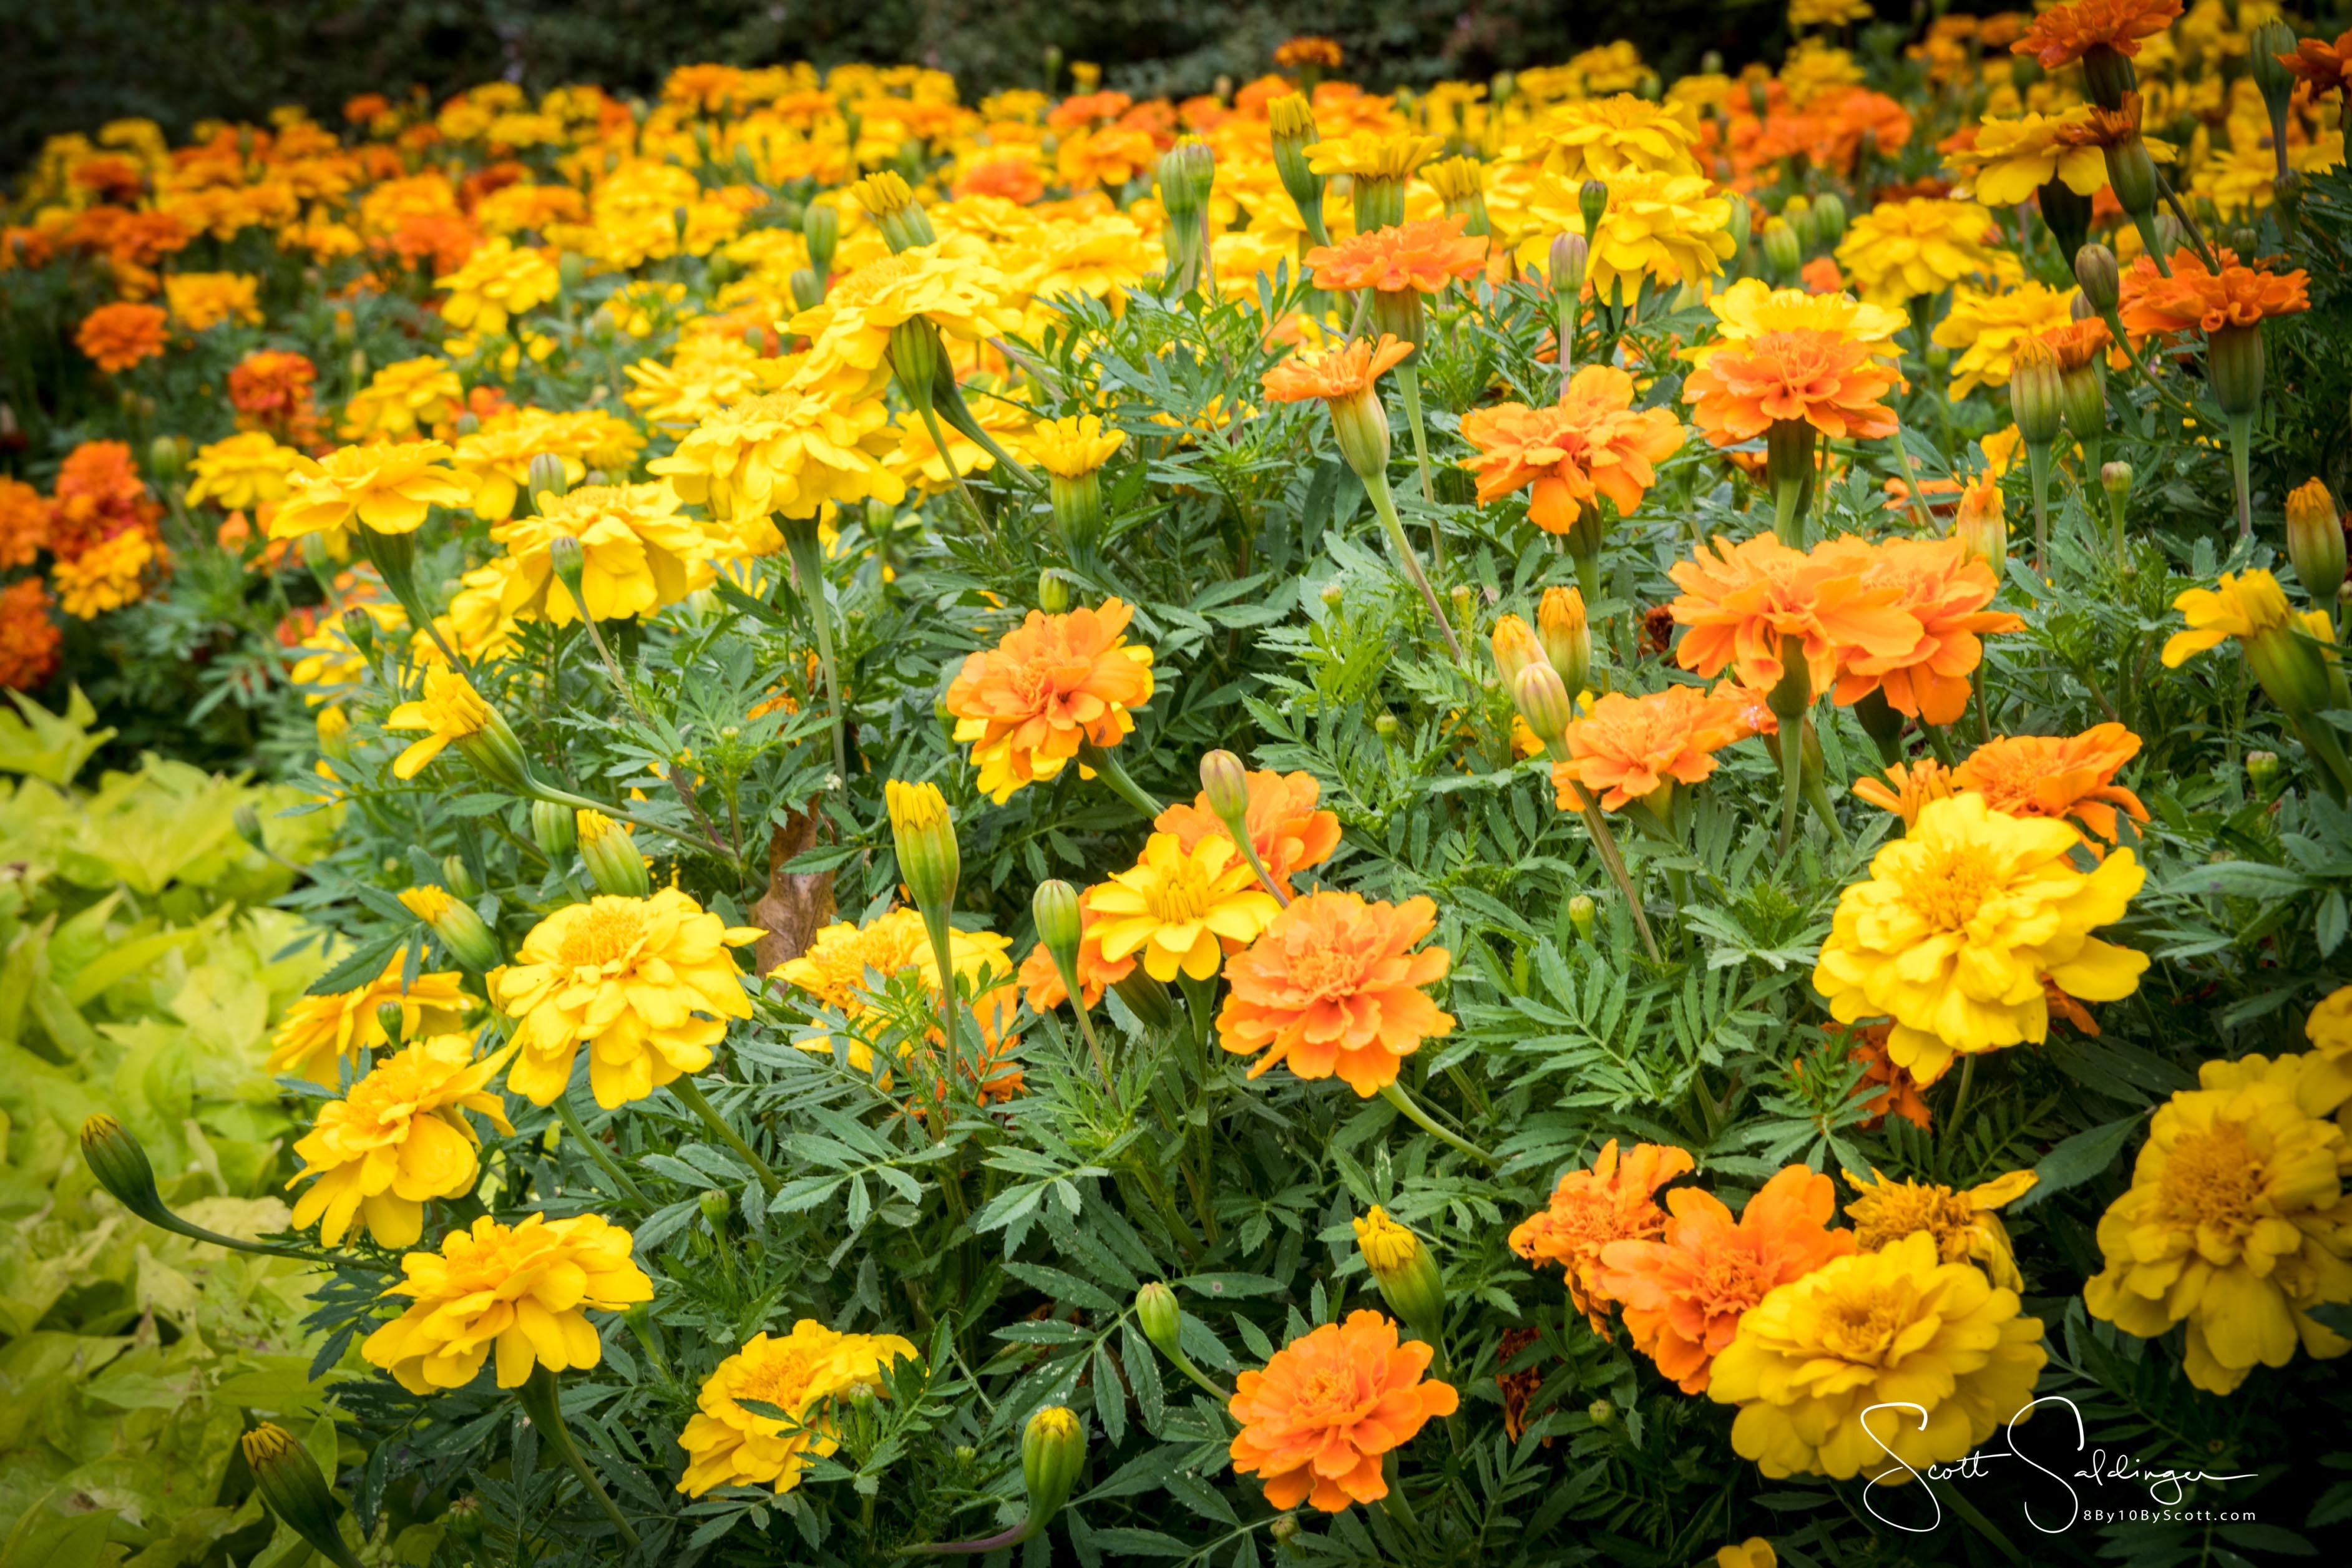 Arboretum102117-2292